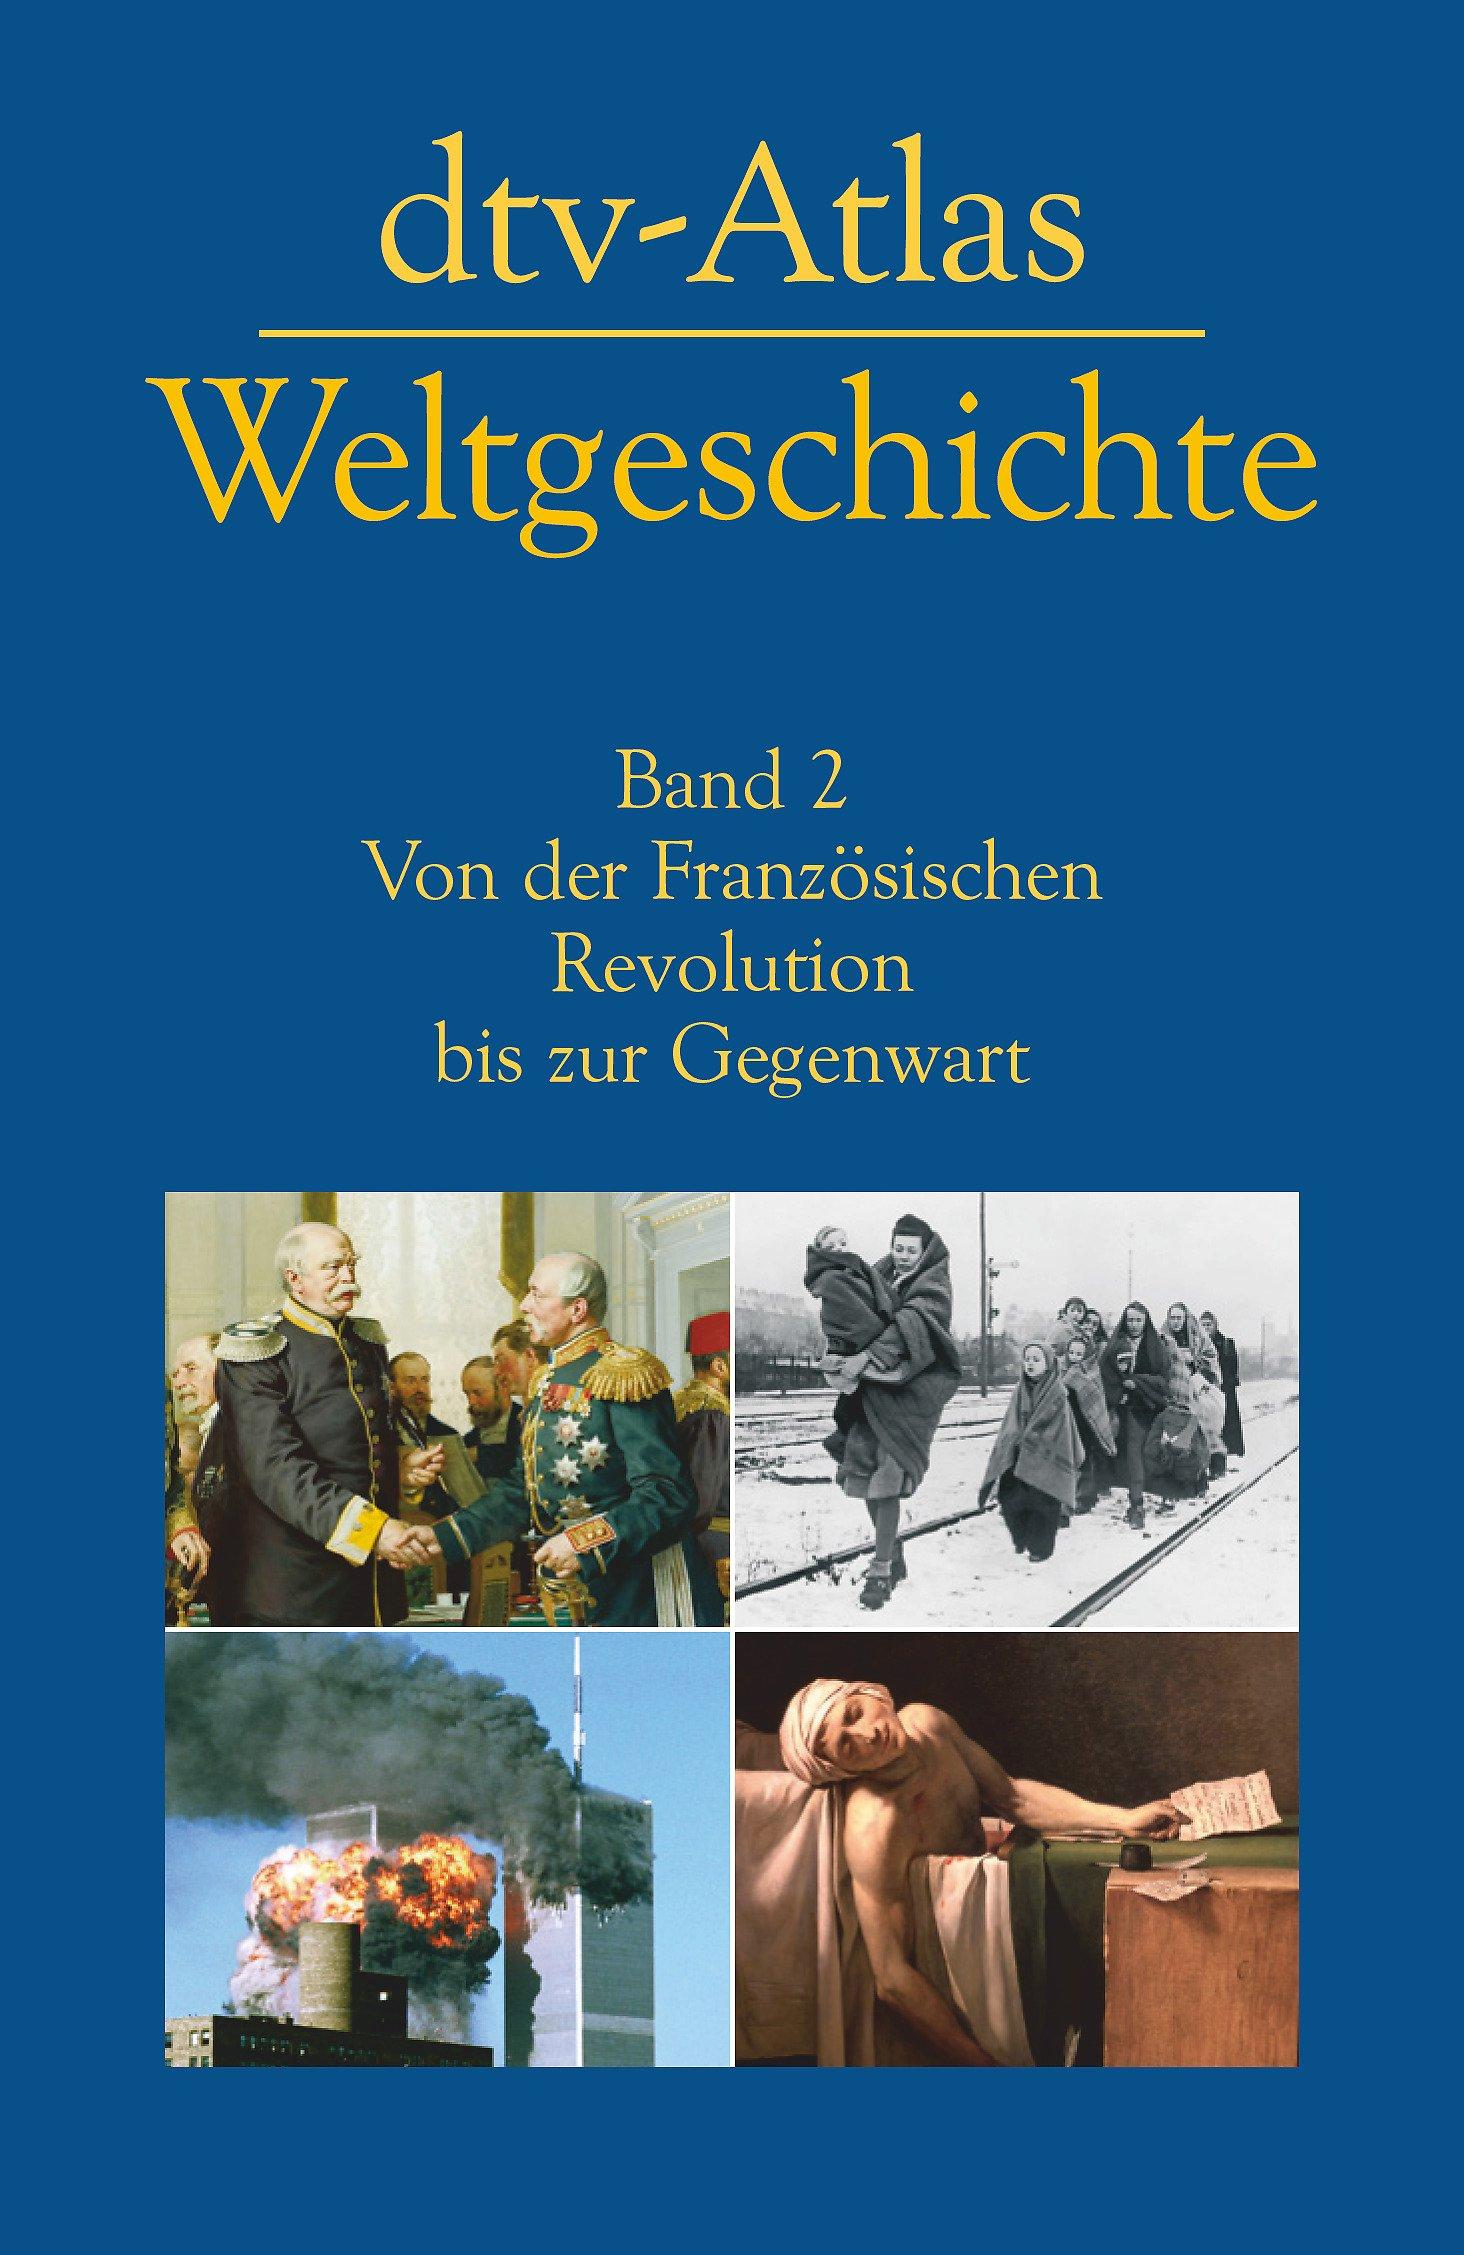 dtv-Atlas zur Weltgeschichte, Band 2: Von der Französischen Revolution bis zur Gegenwart